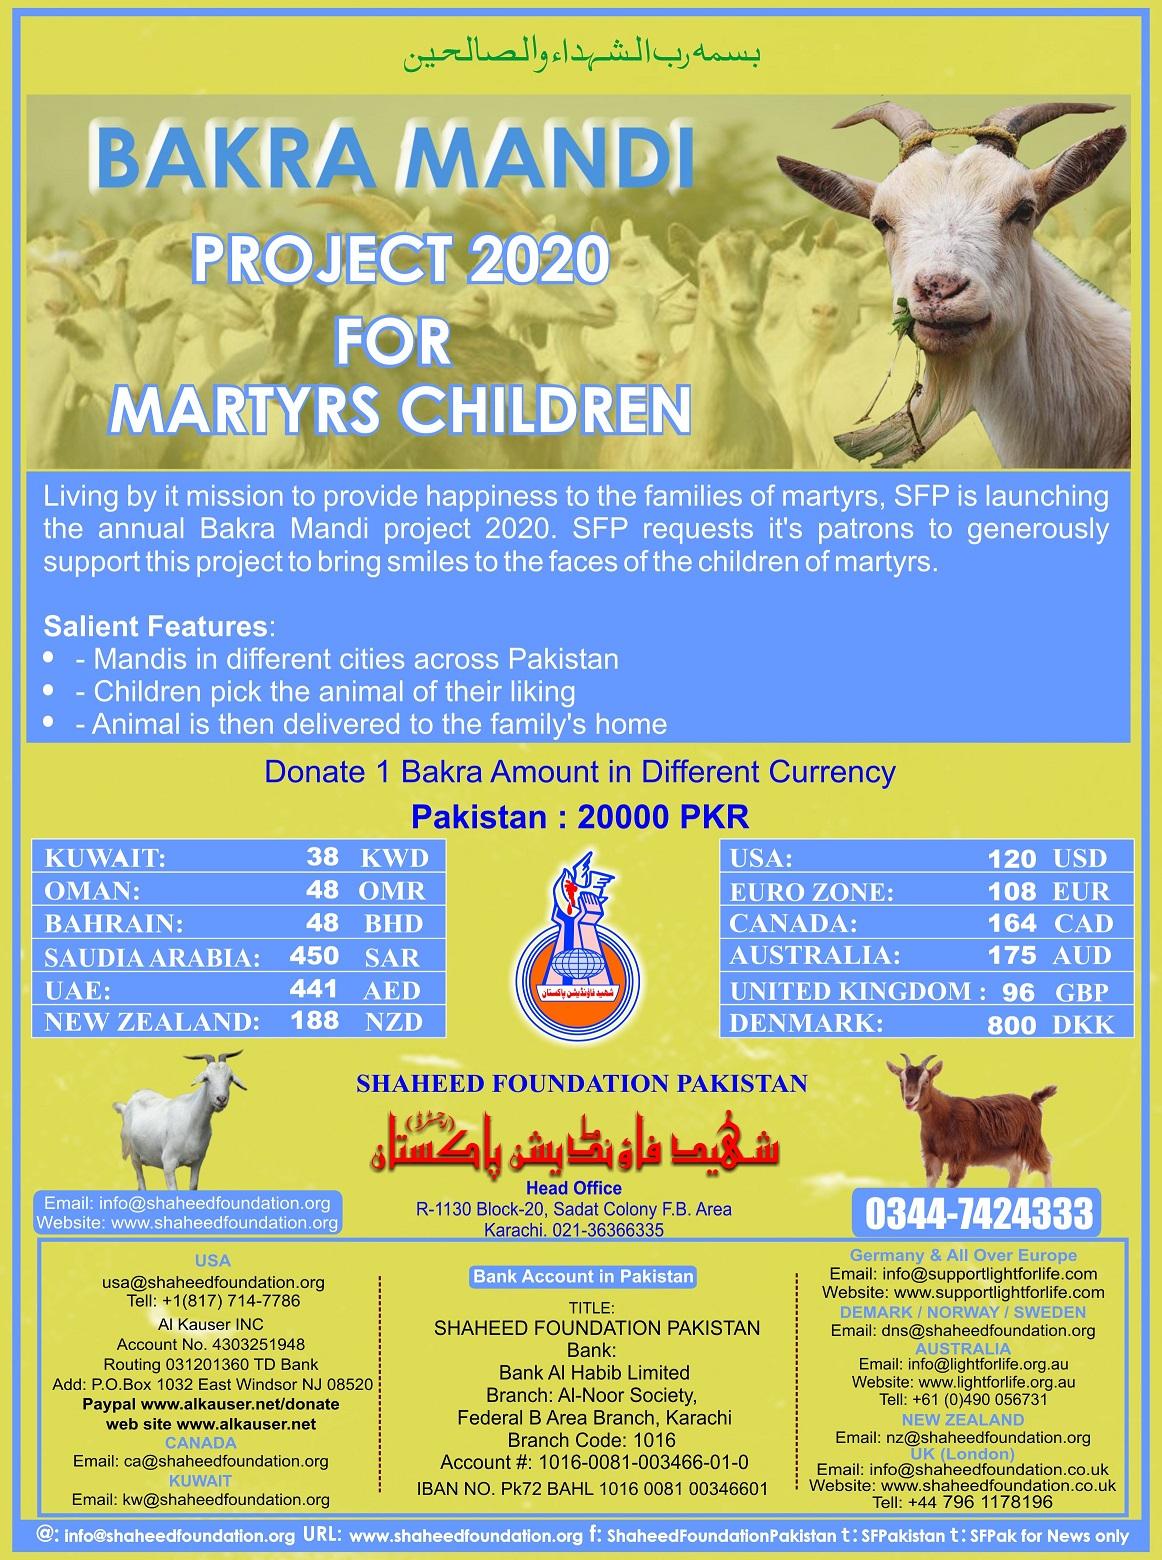 Bakra Mandi 2020 for Martyrs Children